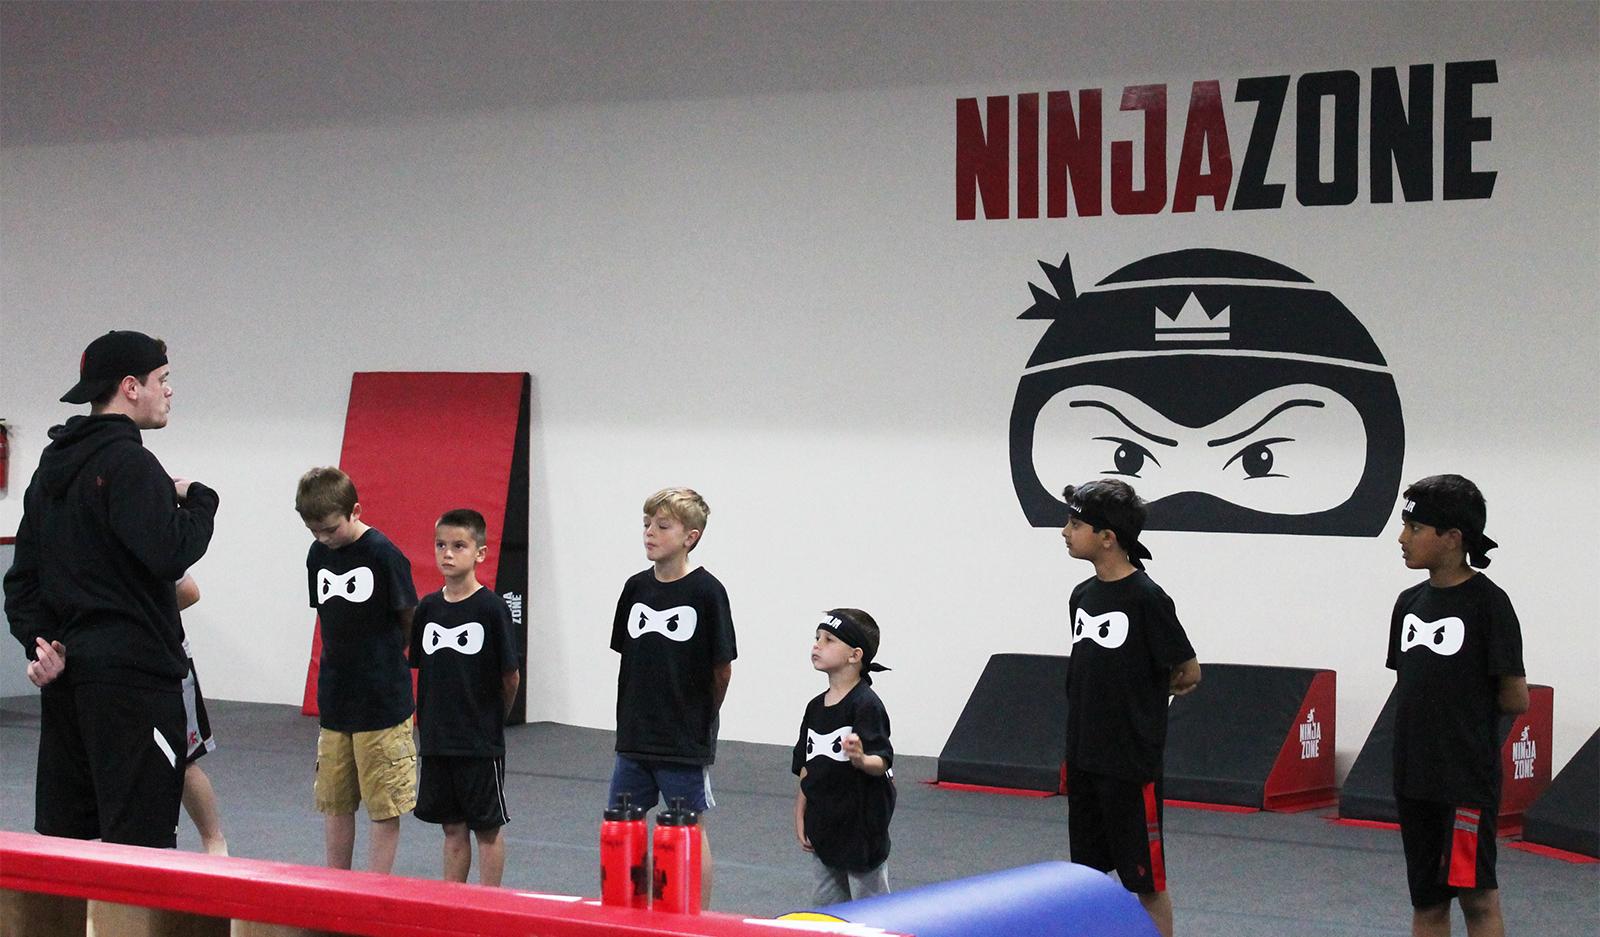 ninja zone class.jpg